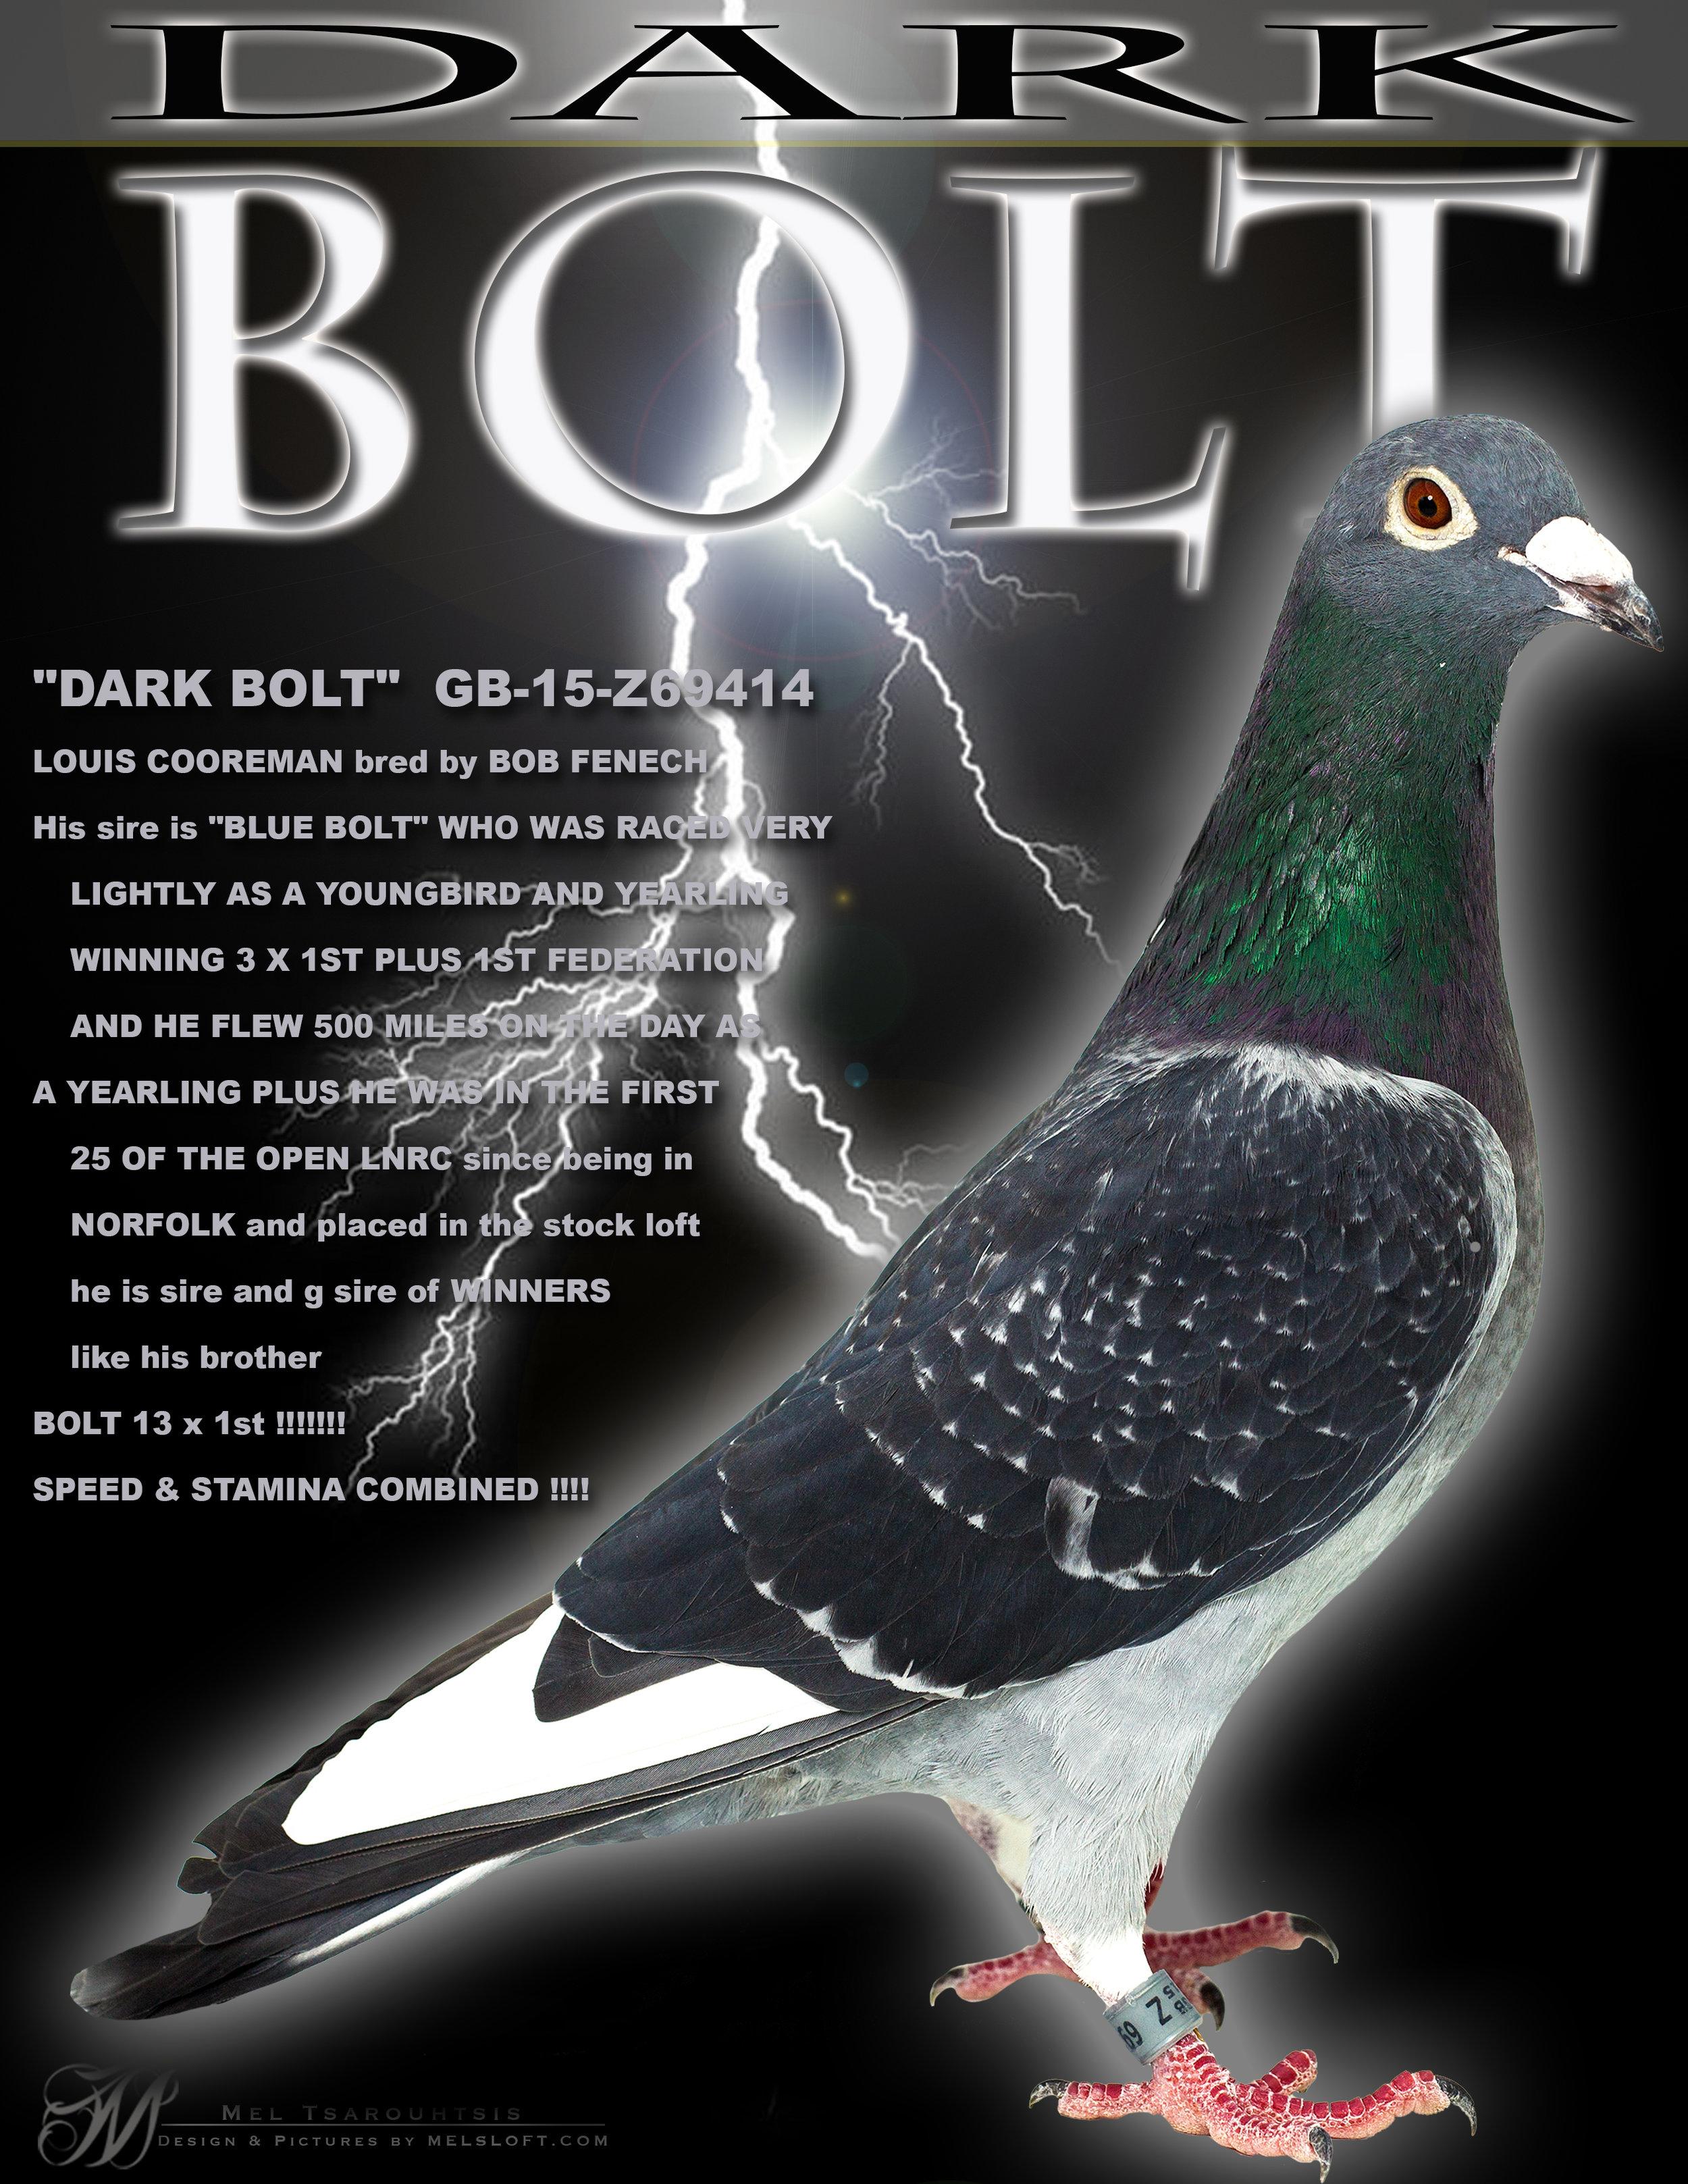 DARK BOLT copy.jpg